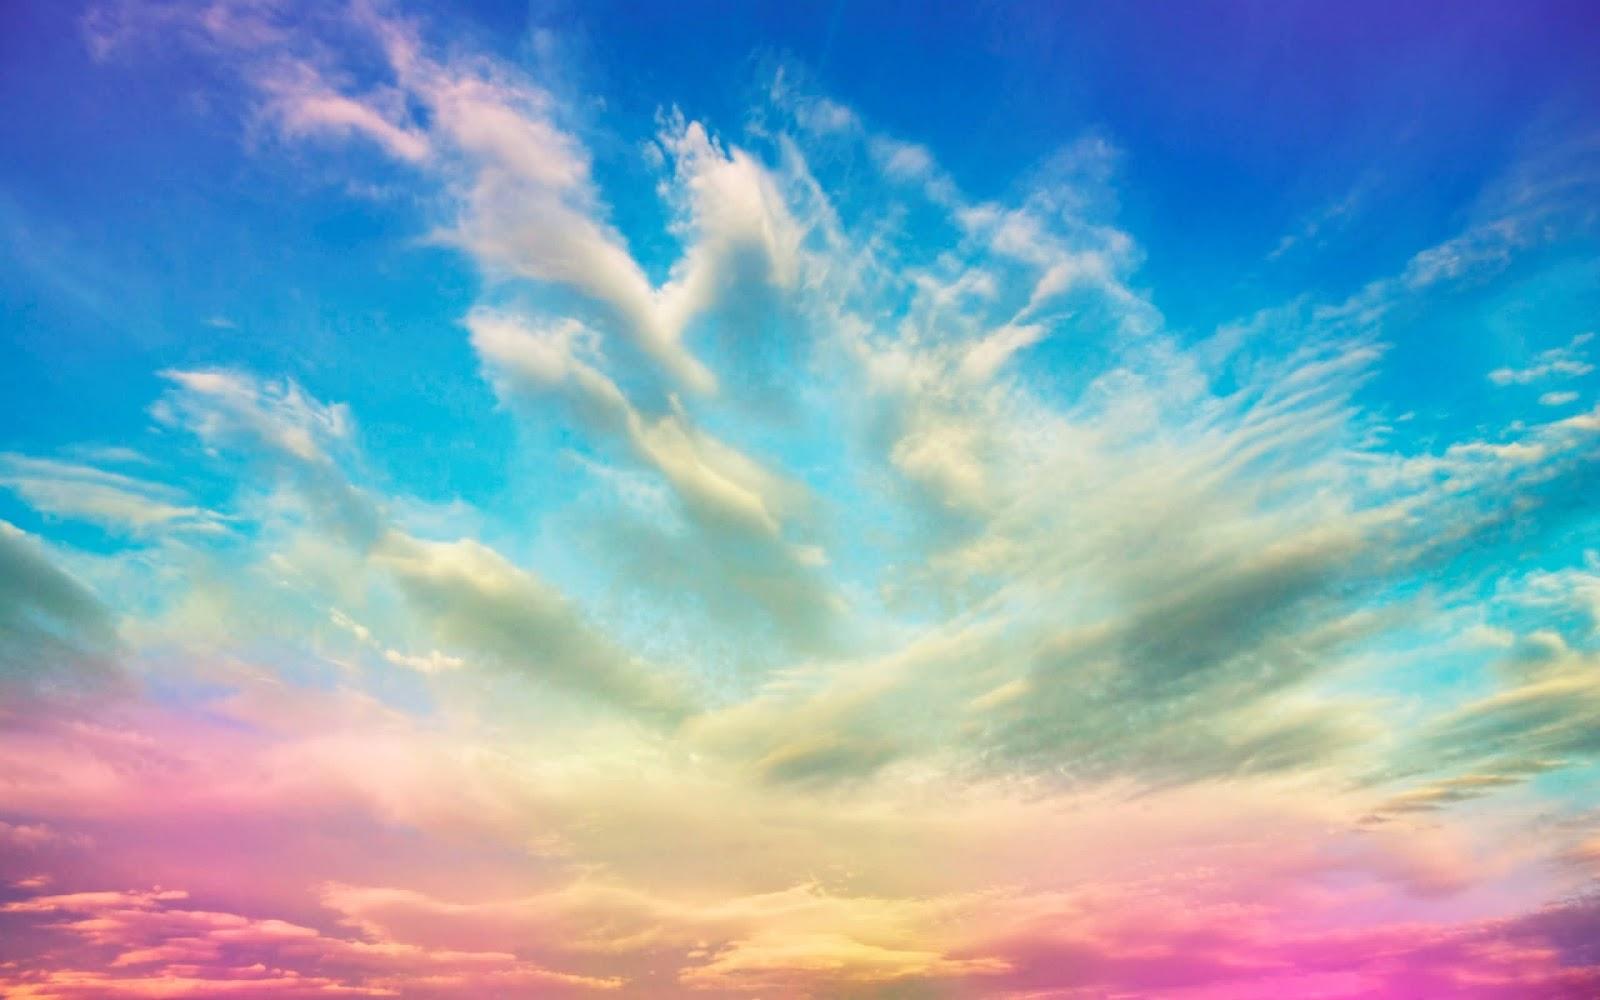 hd wallpapers for desktop sky cloud wallpapers hd 1600x1000